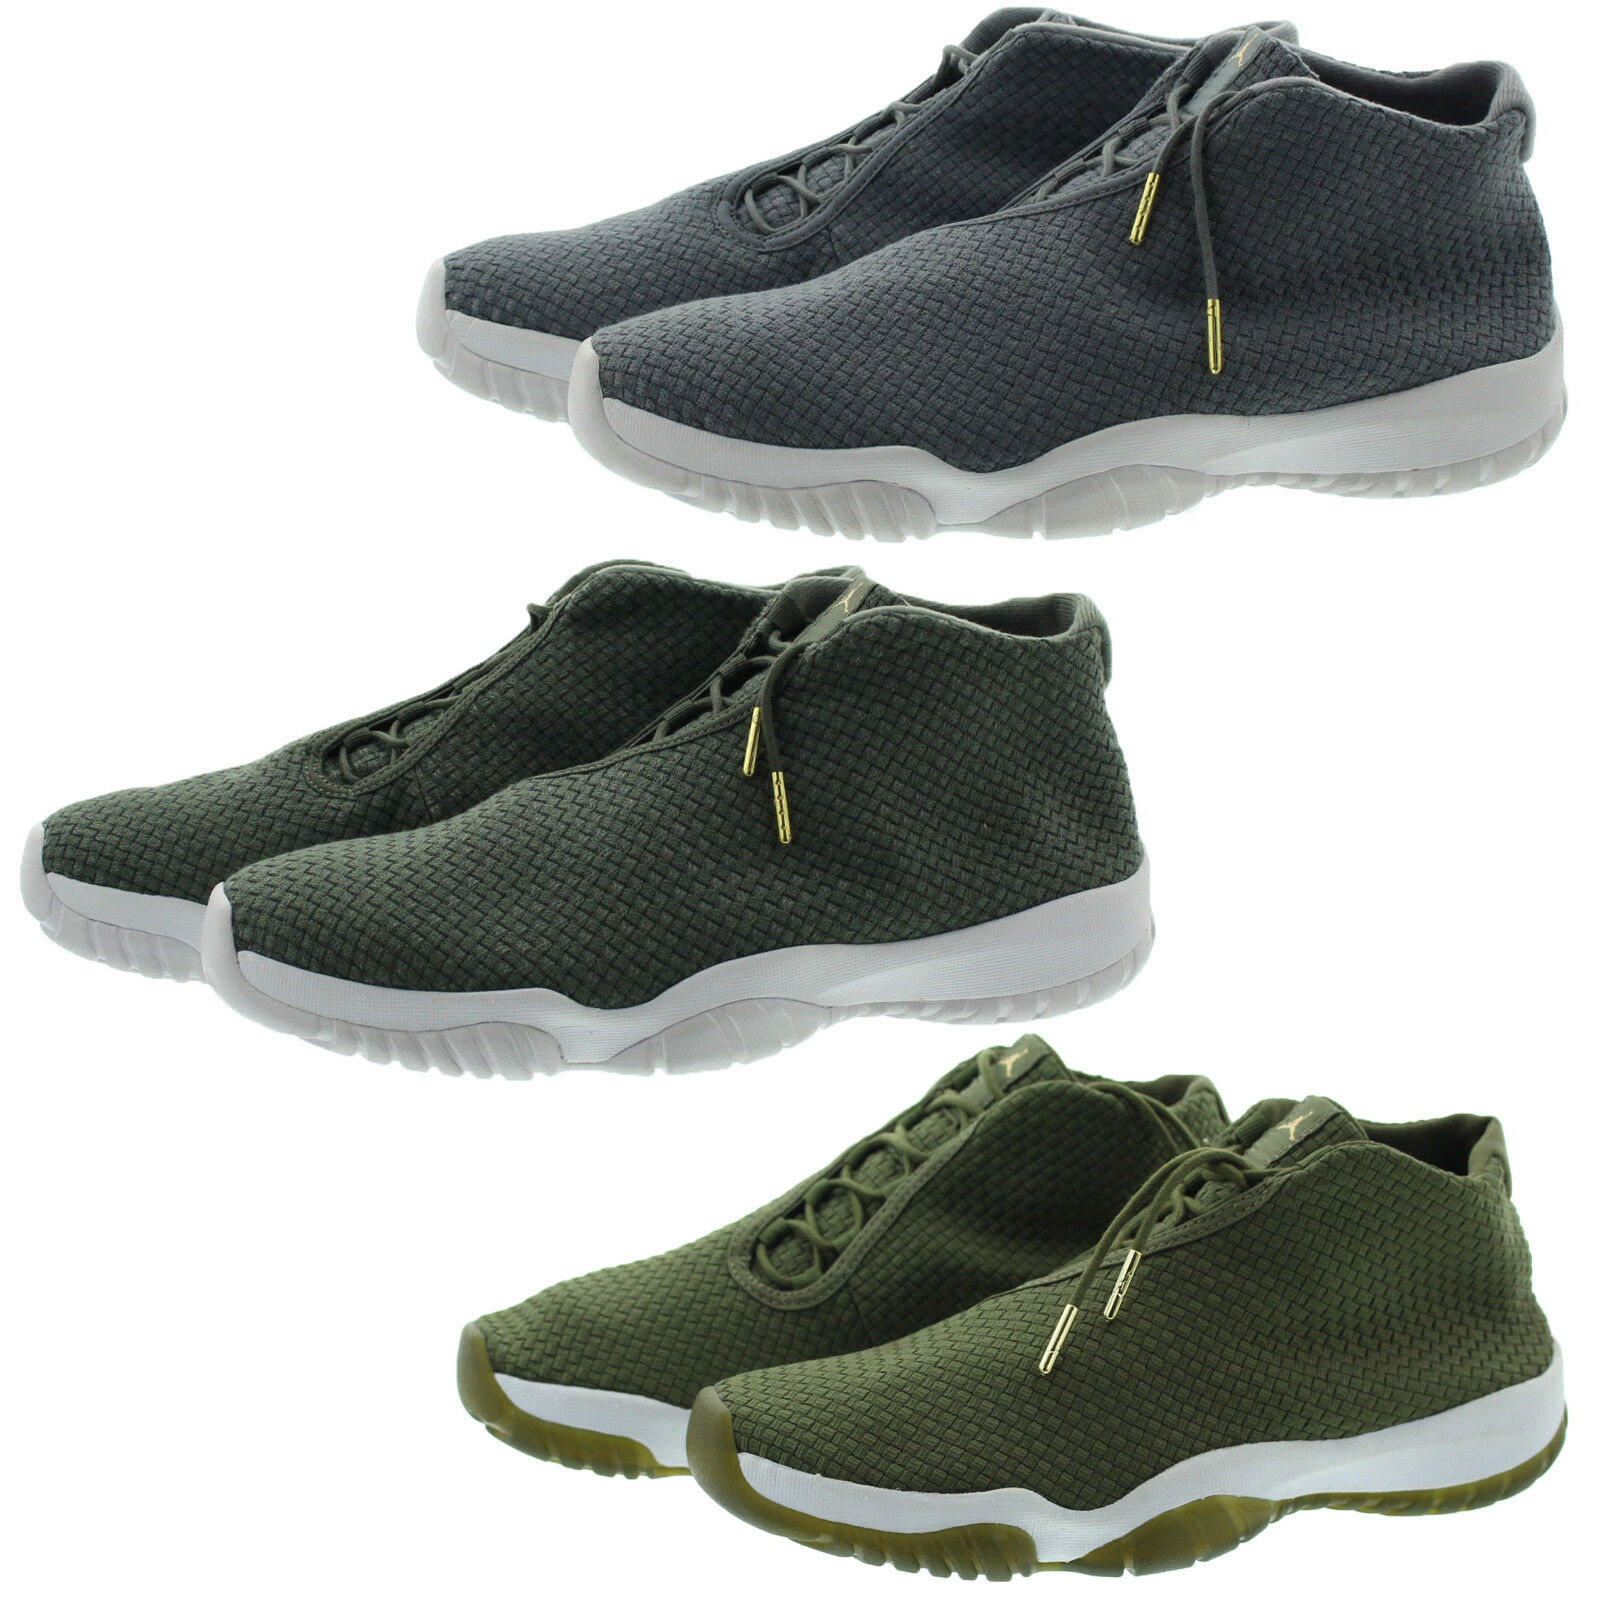 Nike 656503 Top Mens Air Jordan Future Mid Top 656503 Basketball Athletic Shoes Sneakers 67c8ae